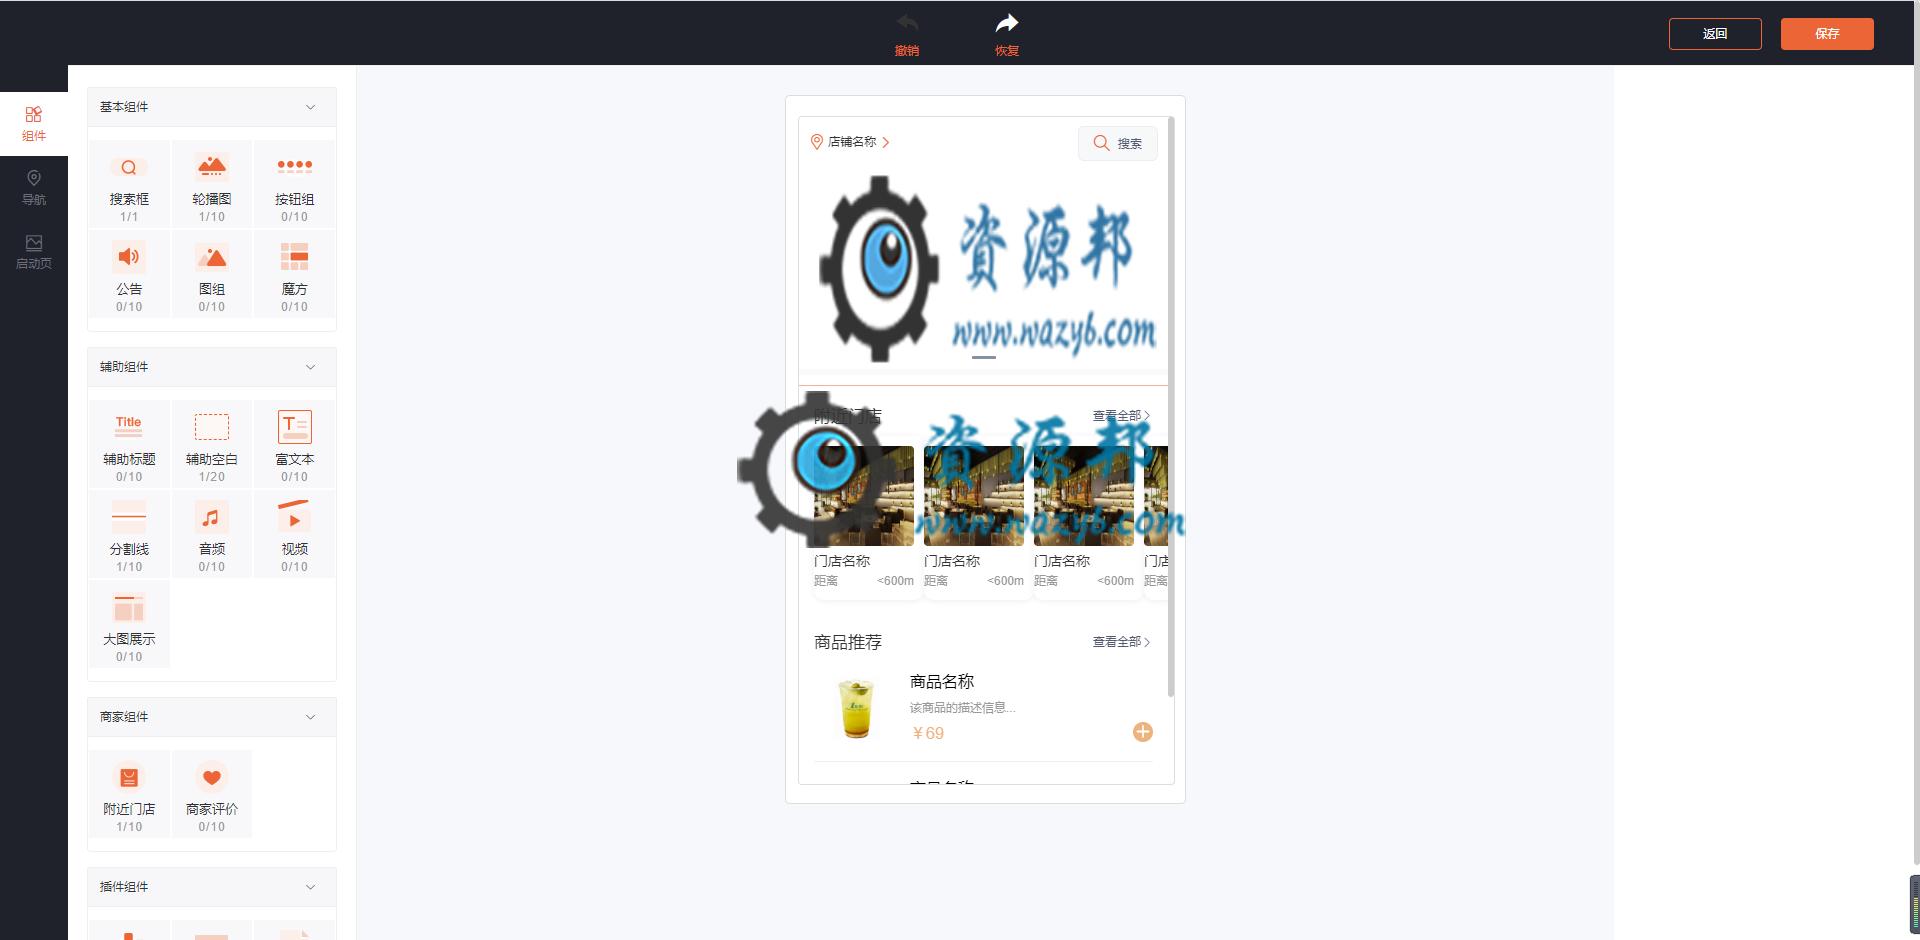 【微信小程序】云贝多端餐饮外卖连锁版小程序V1.7.2源码安装包+小程序代码+直播插件,新增外卖订单概况 公众号应用 第7张